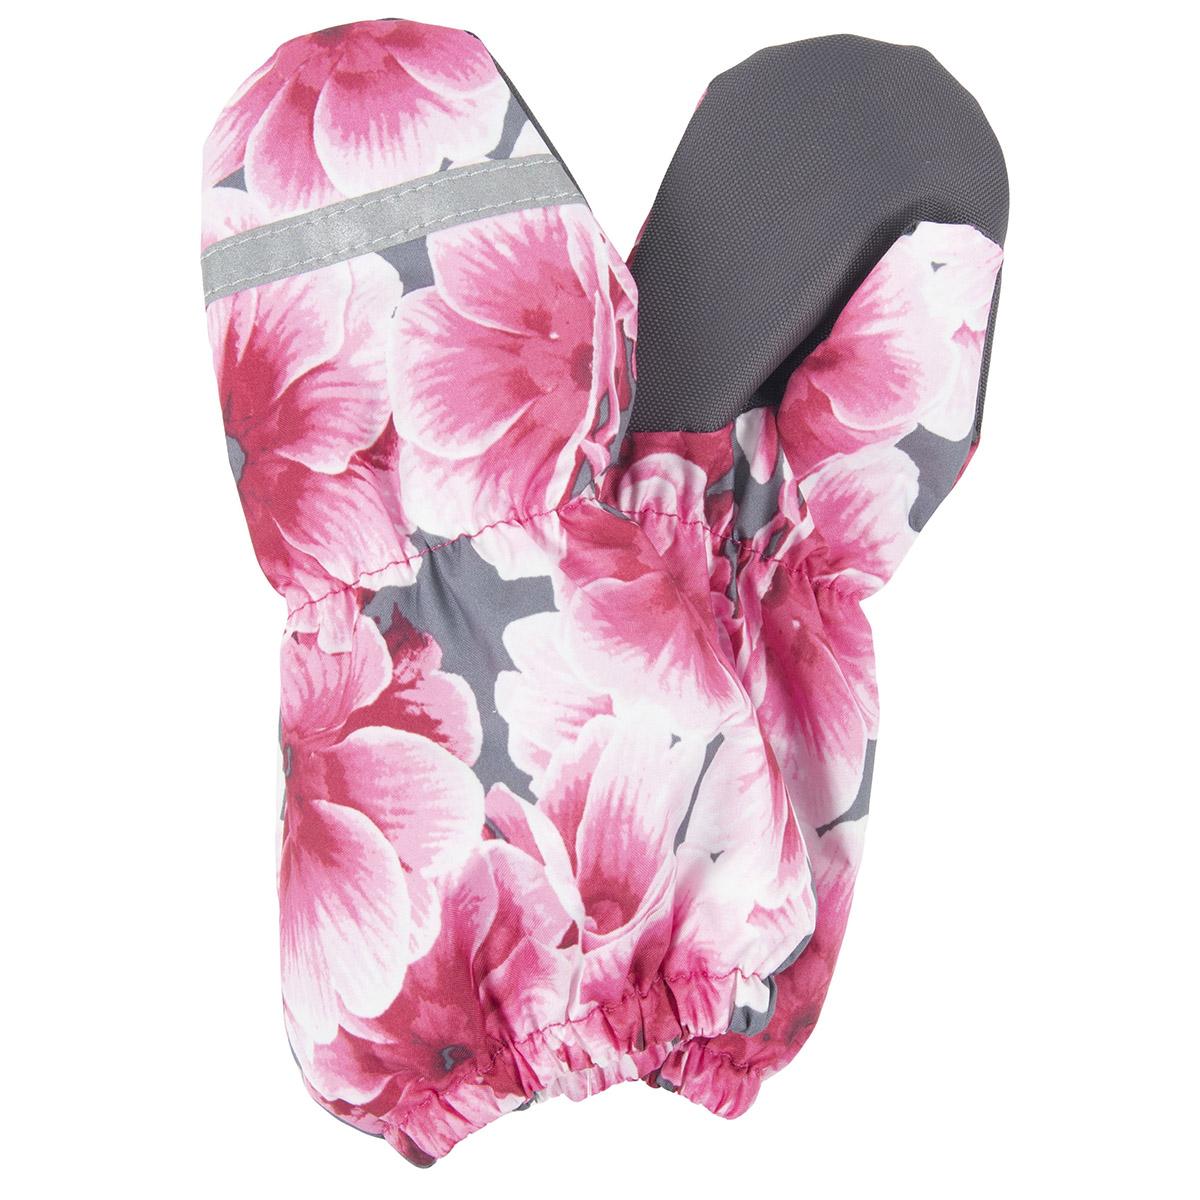 Рукавицы RAIN Kerry, Размер 2, Цвет 1910-розовые цветы K20173-1910_2